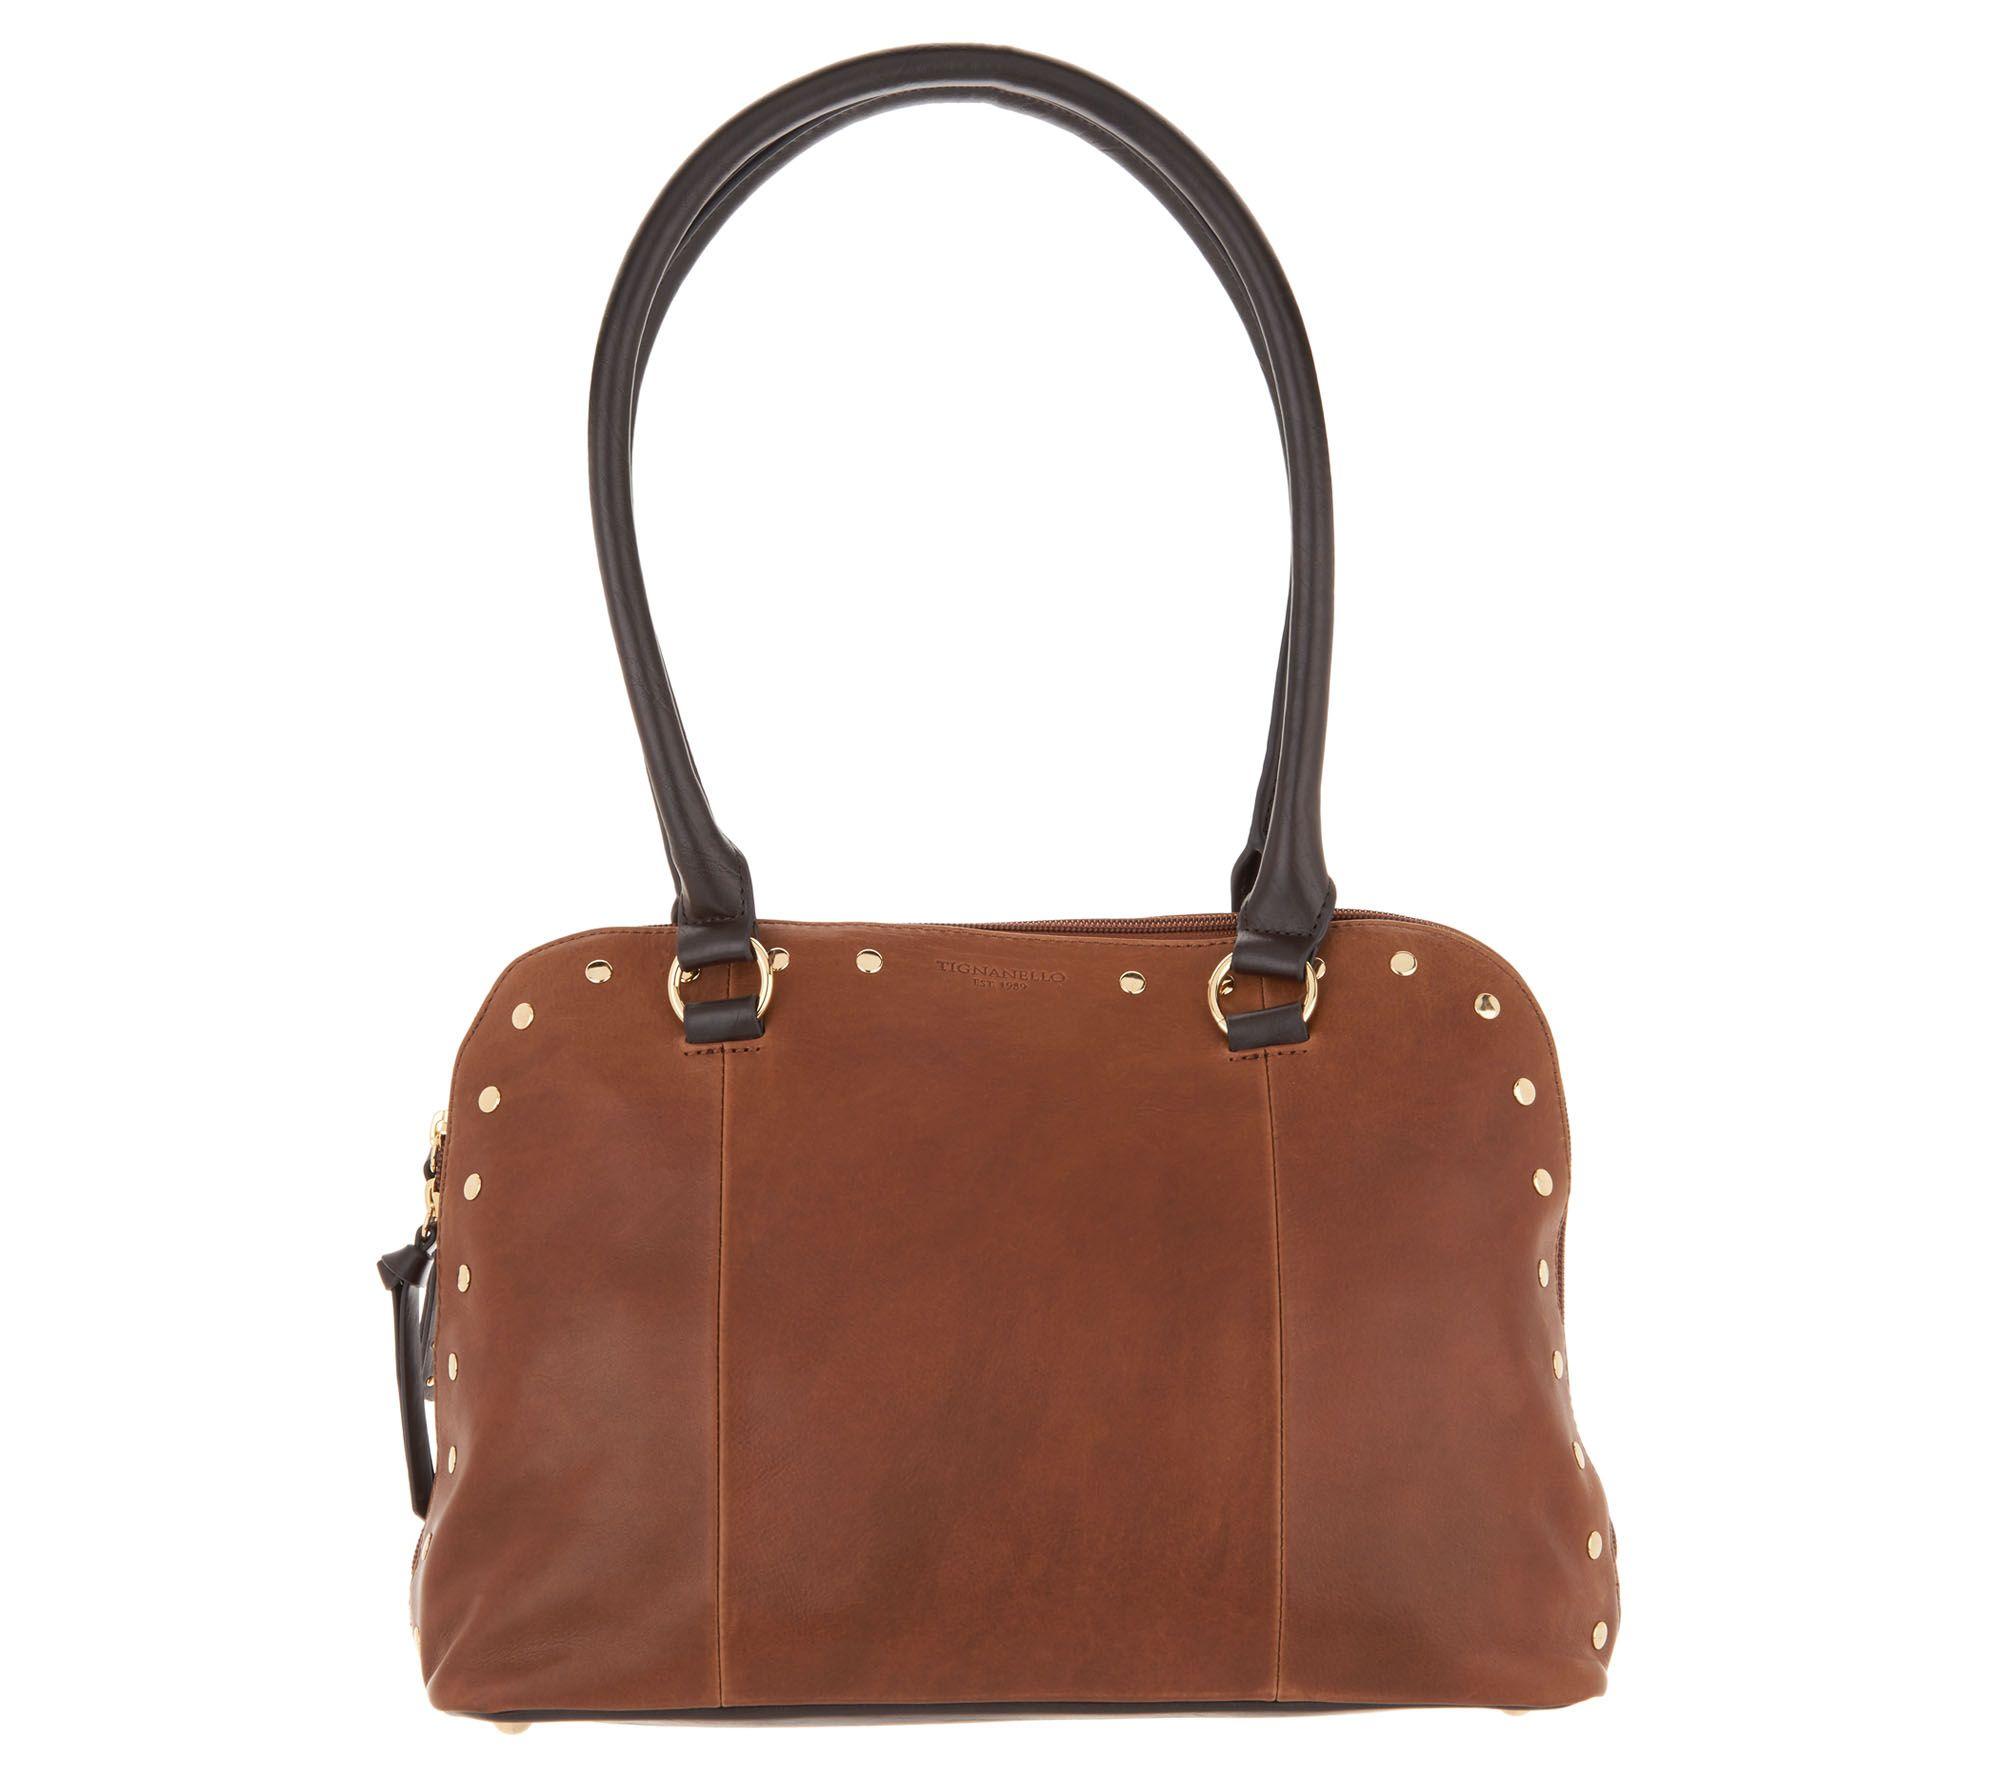 Tignanello Vintage Leather Mojave Dome Per Handbag Page 1 Qvc